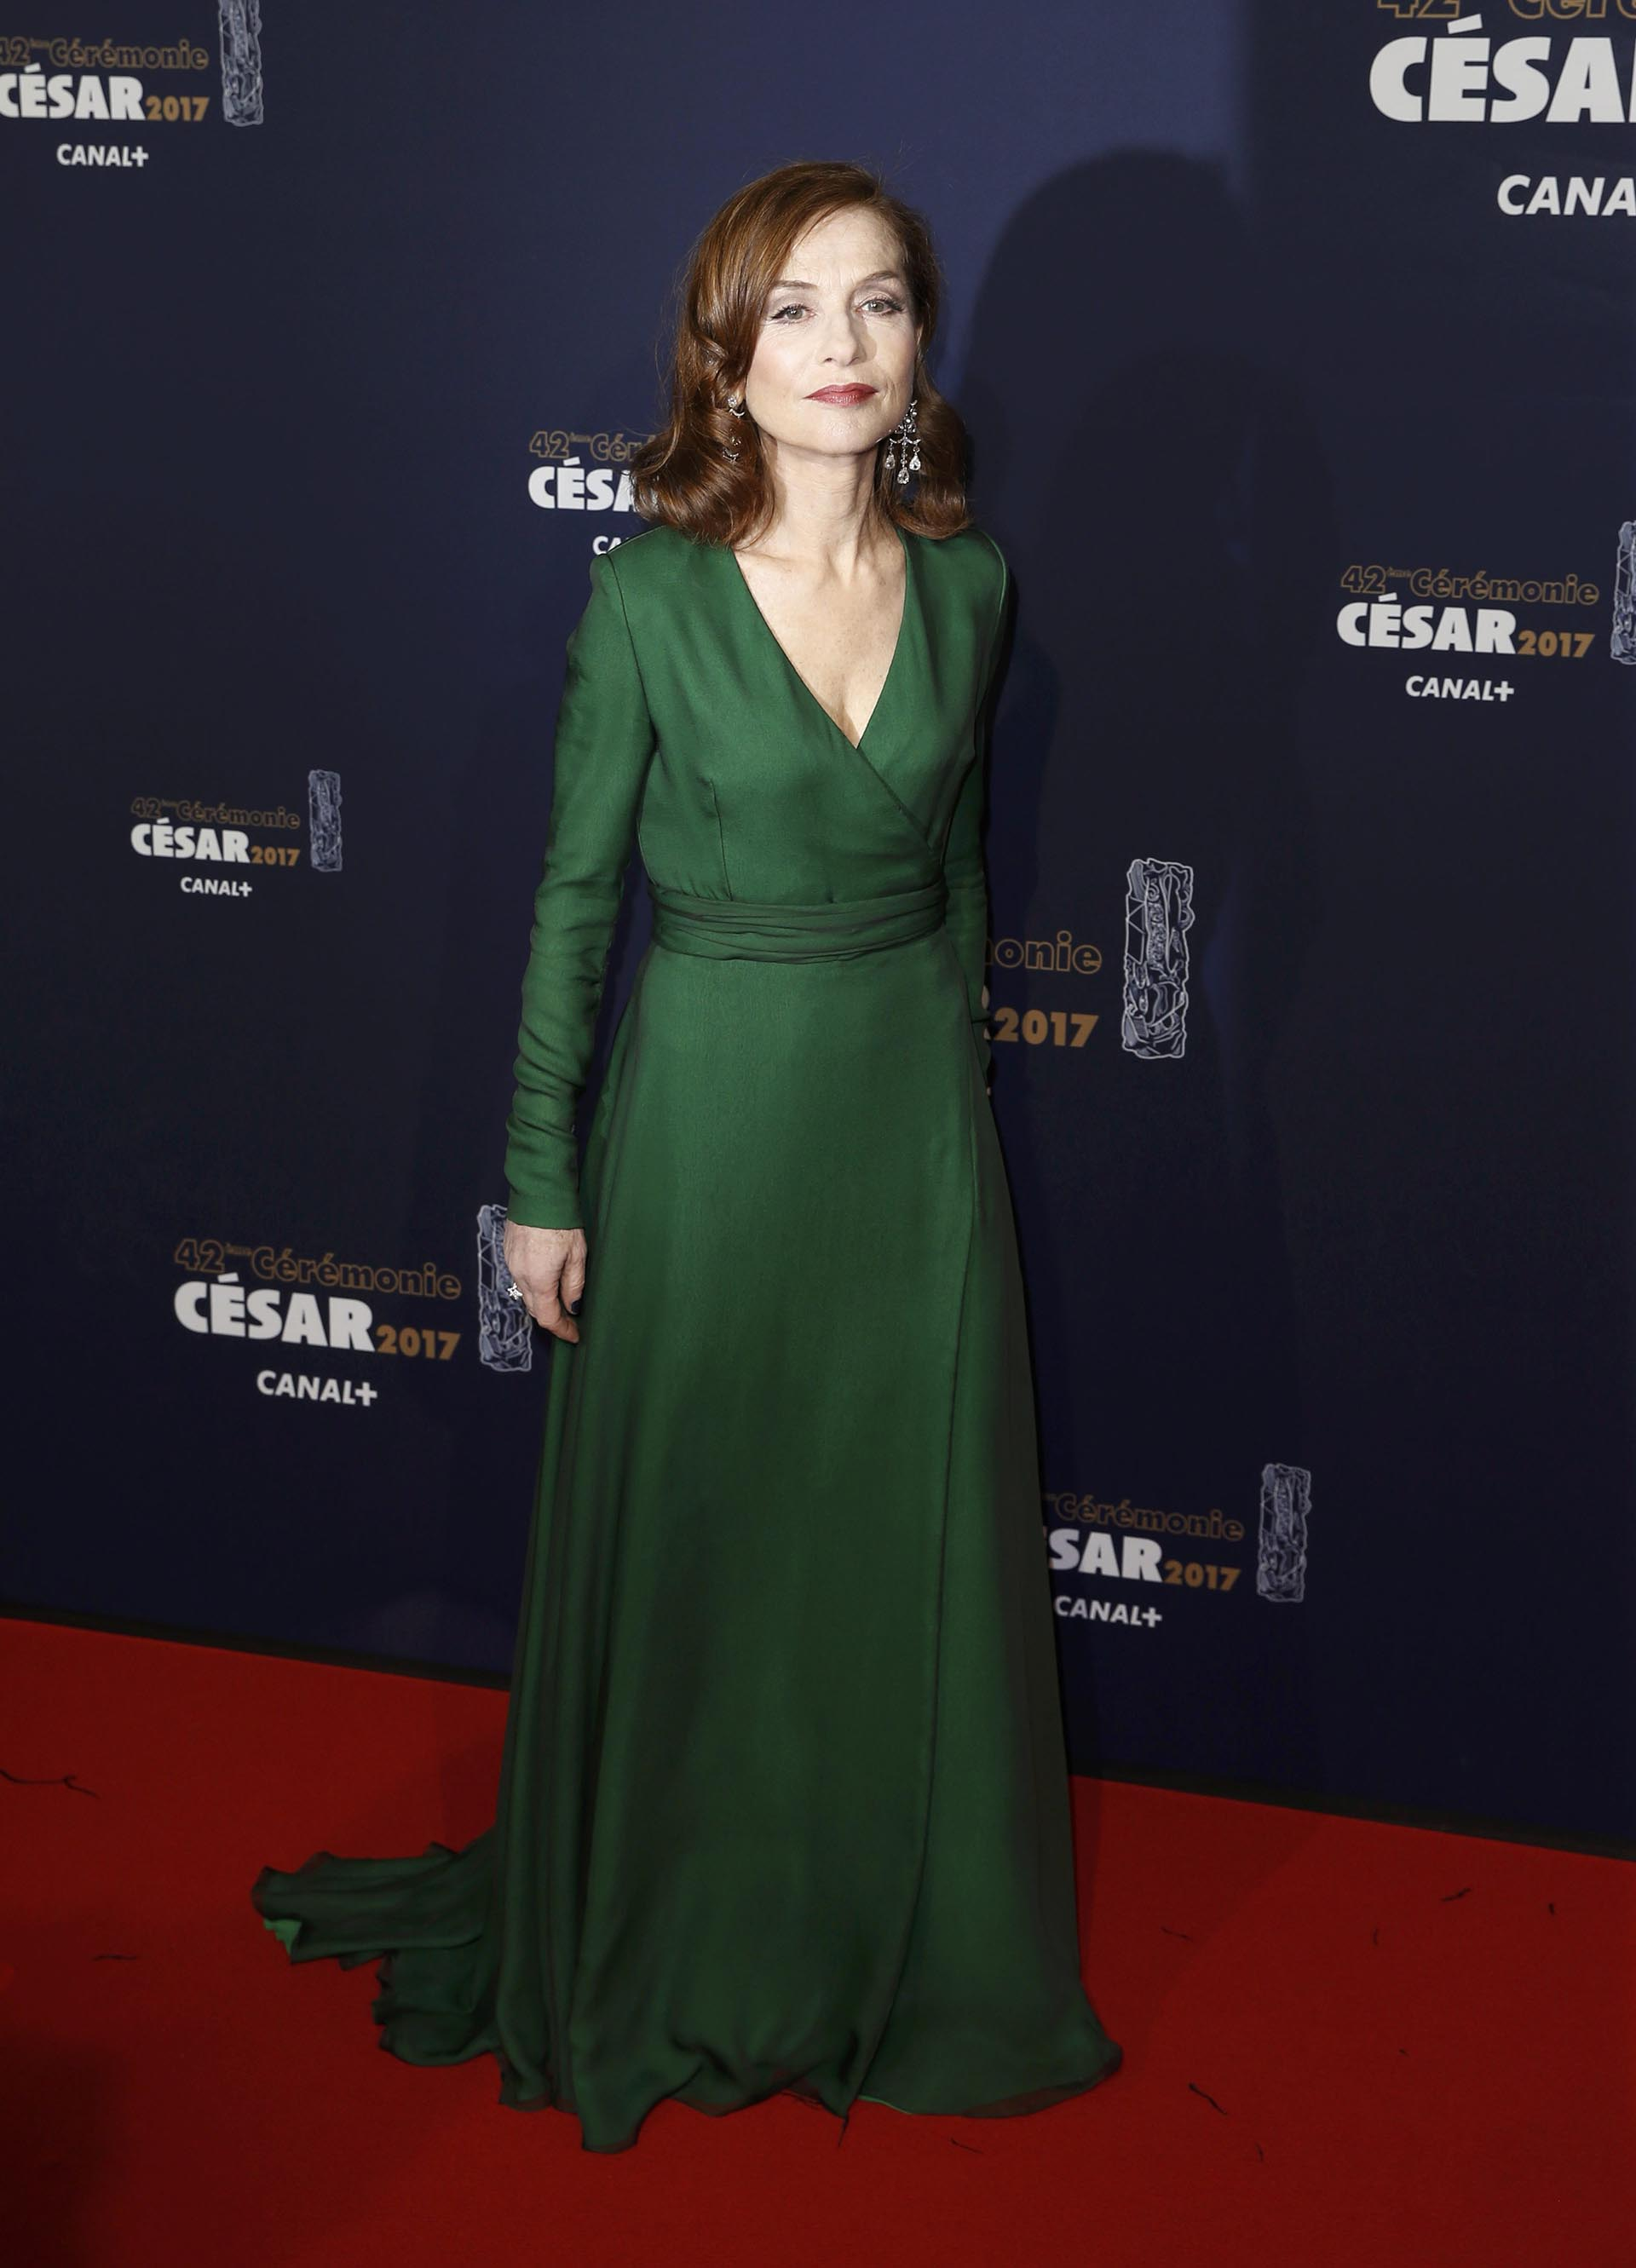 Un sofisticado vestido en verde esmeralda para Isabelle Huppert